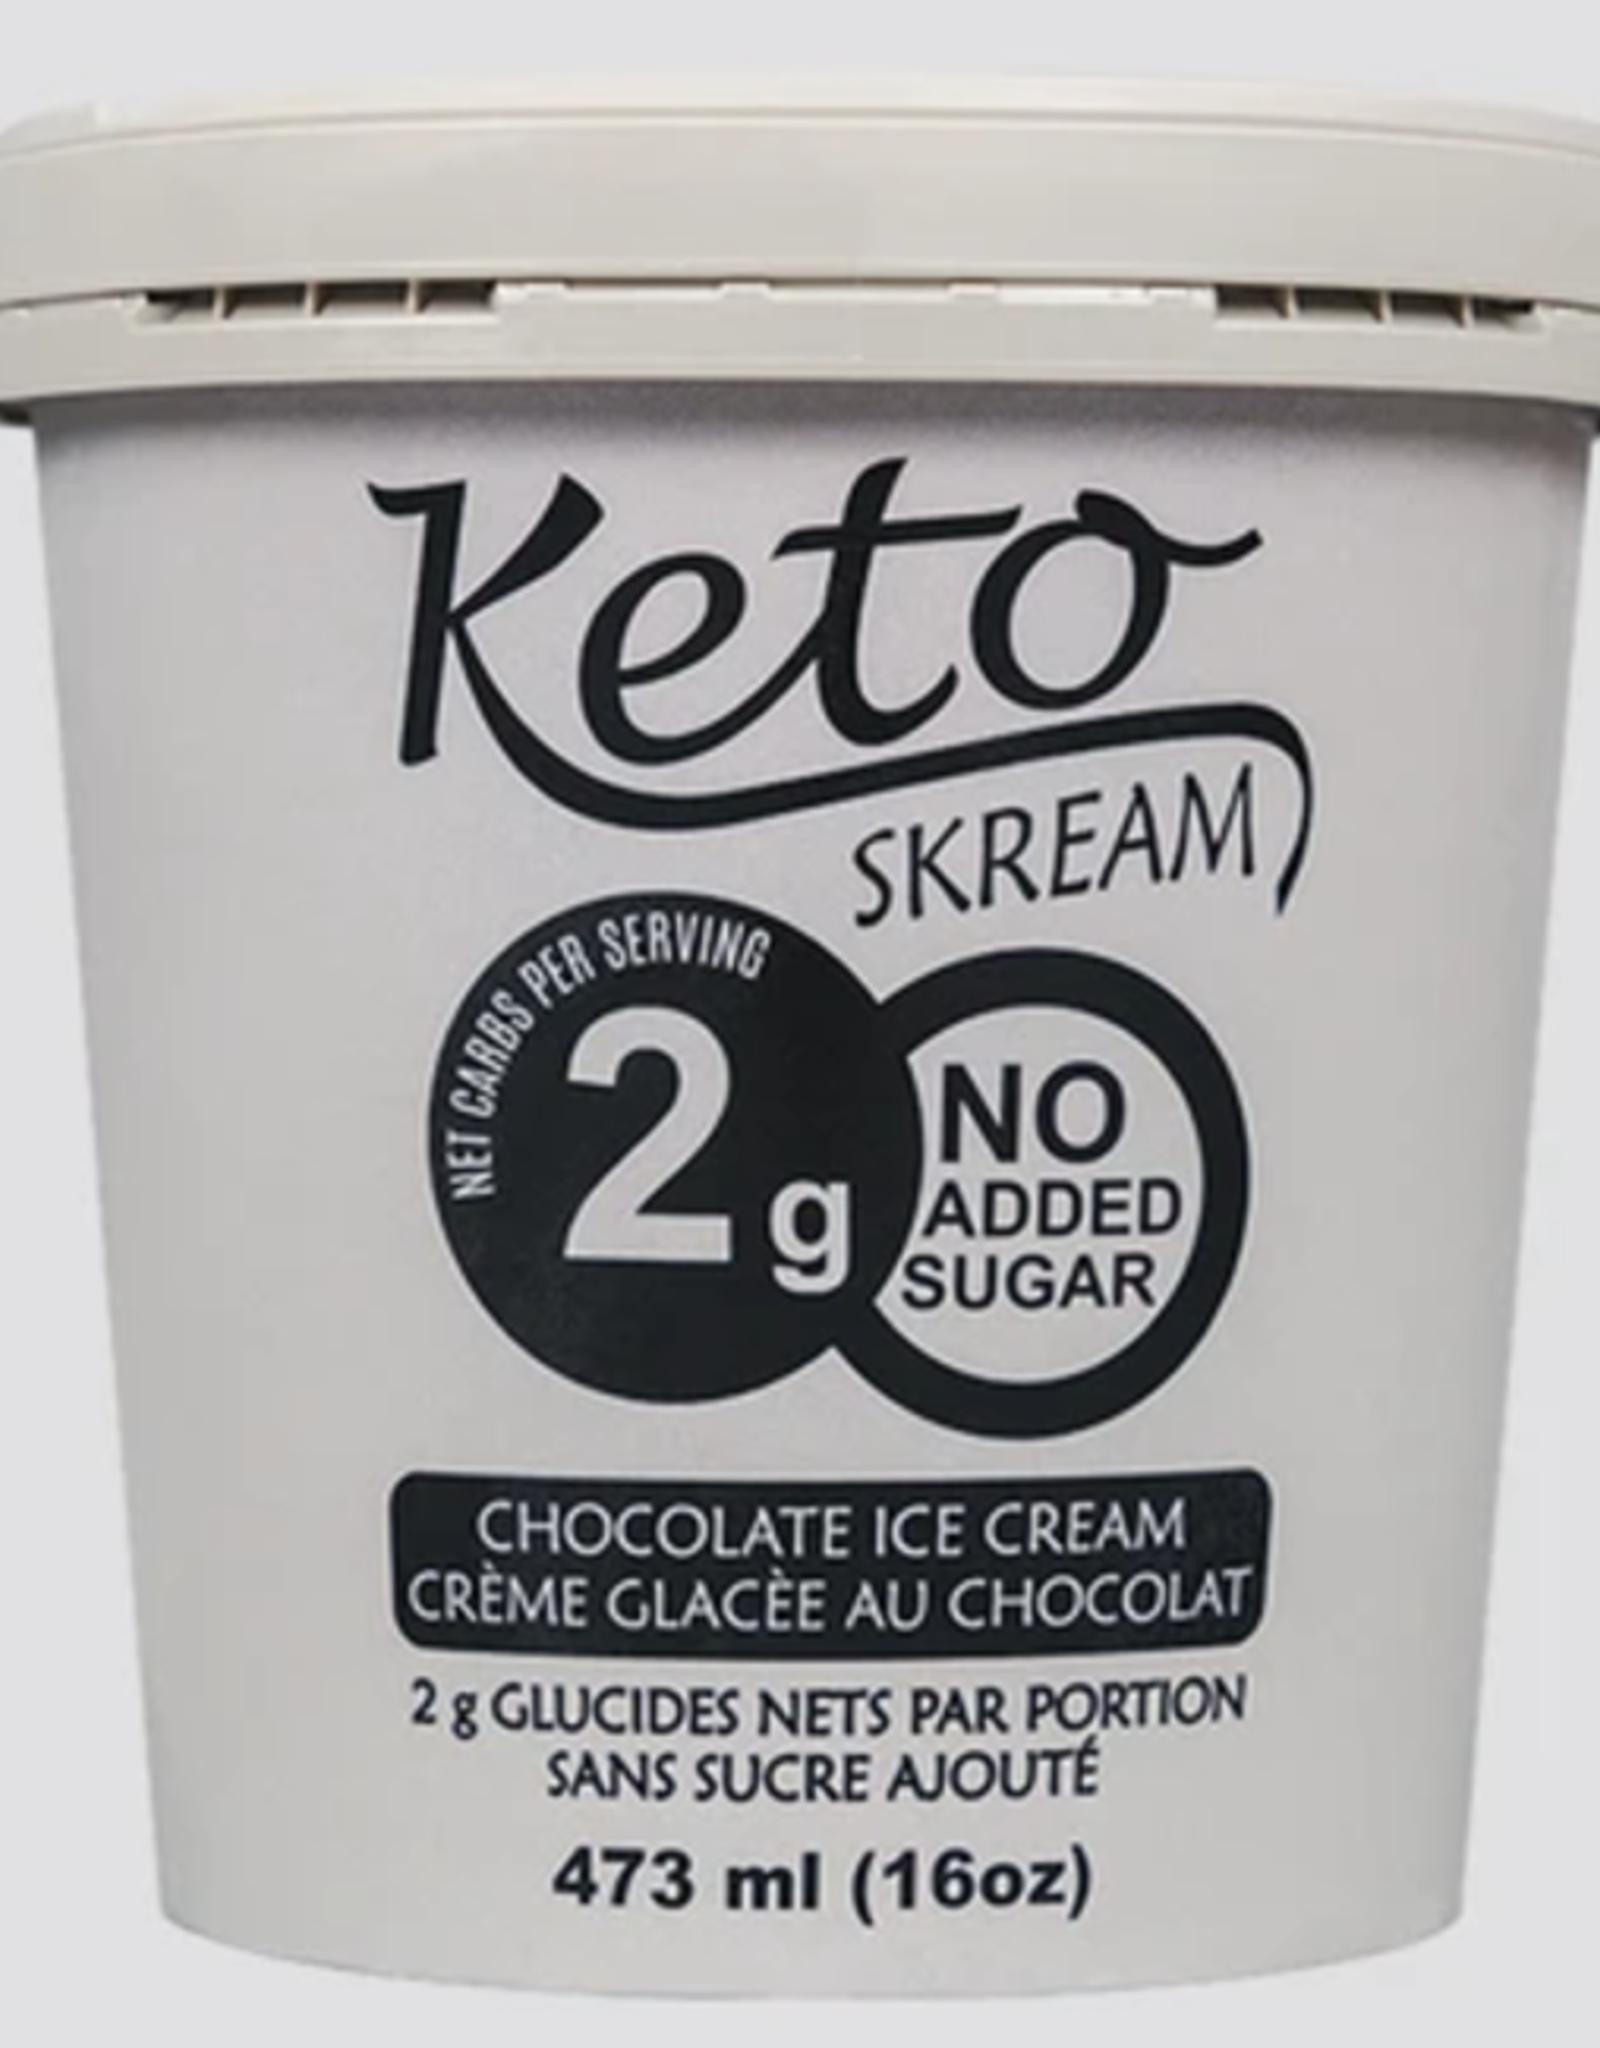 Keto Skream Keto Skream - Dessert Glacé Céto, Chocolat (473ml)